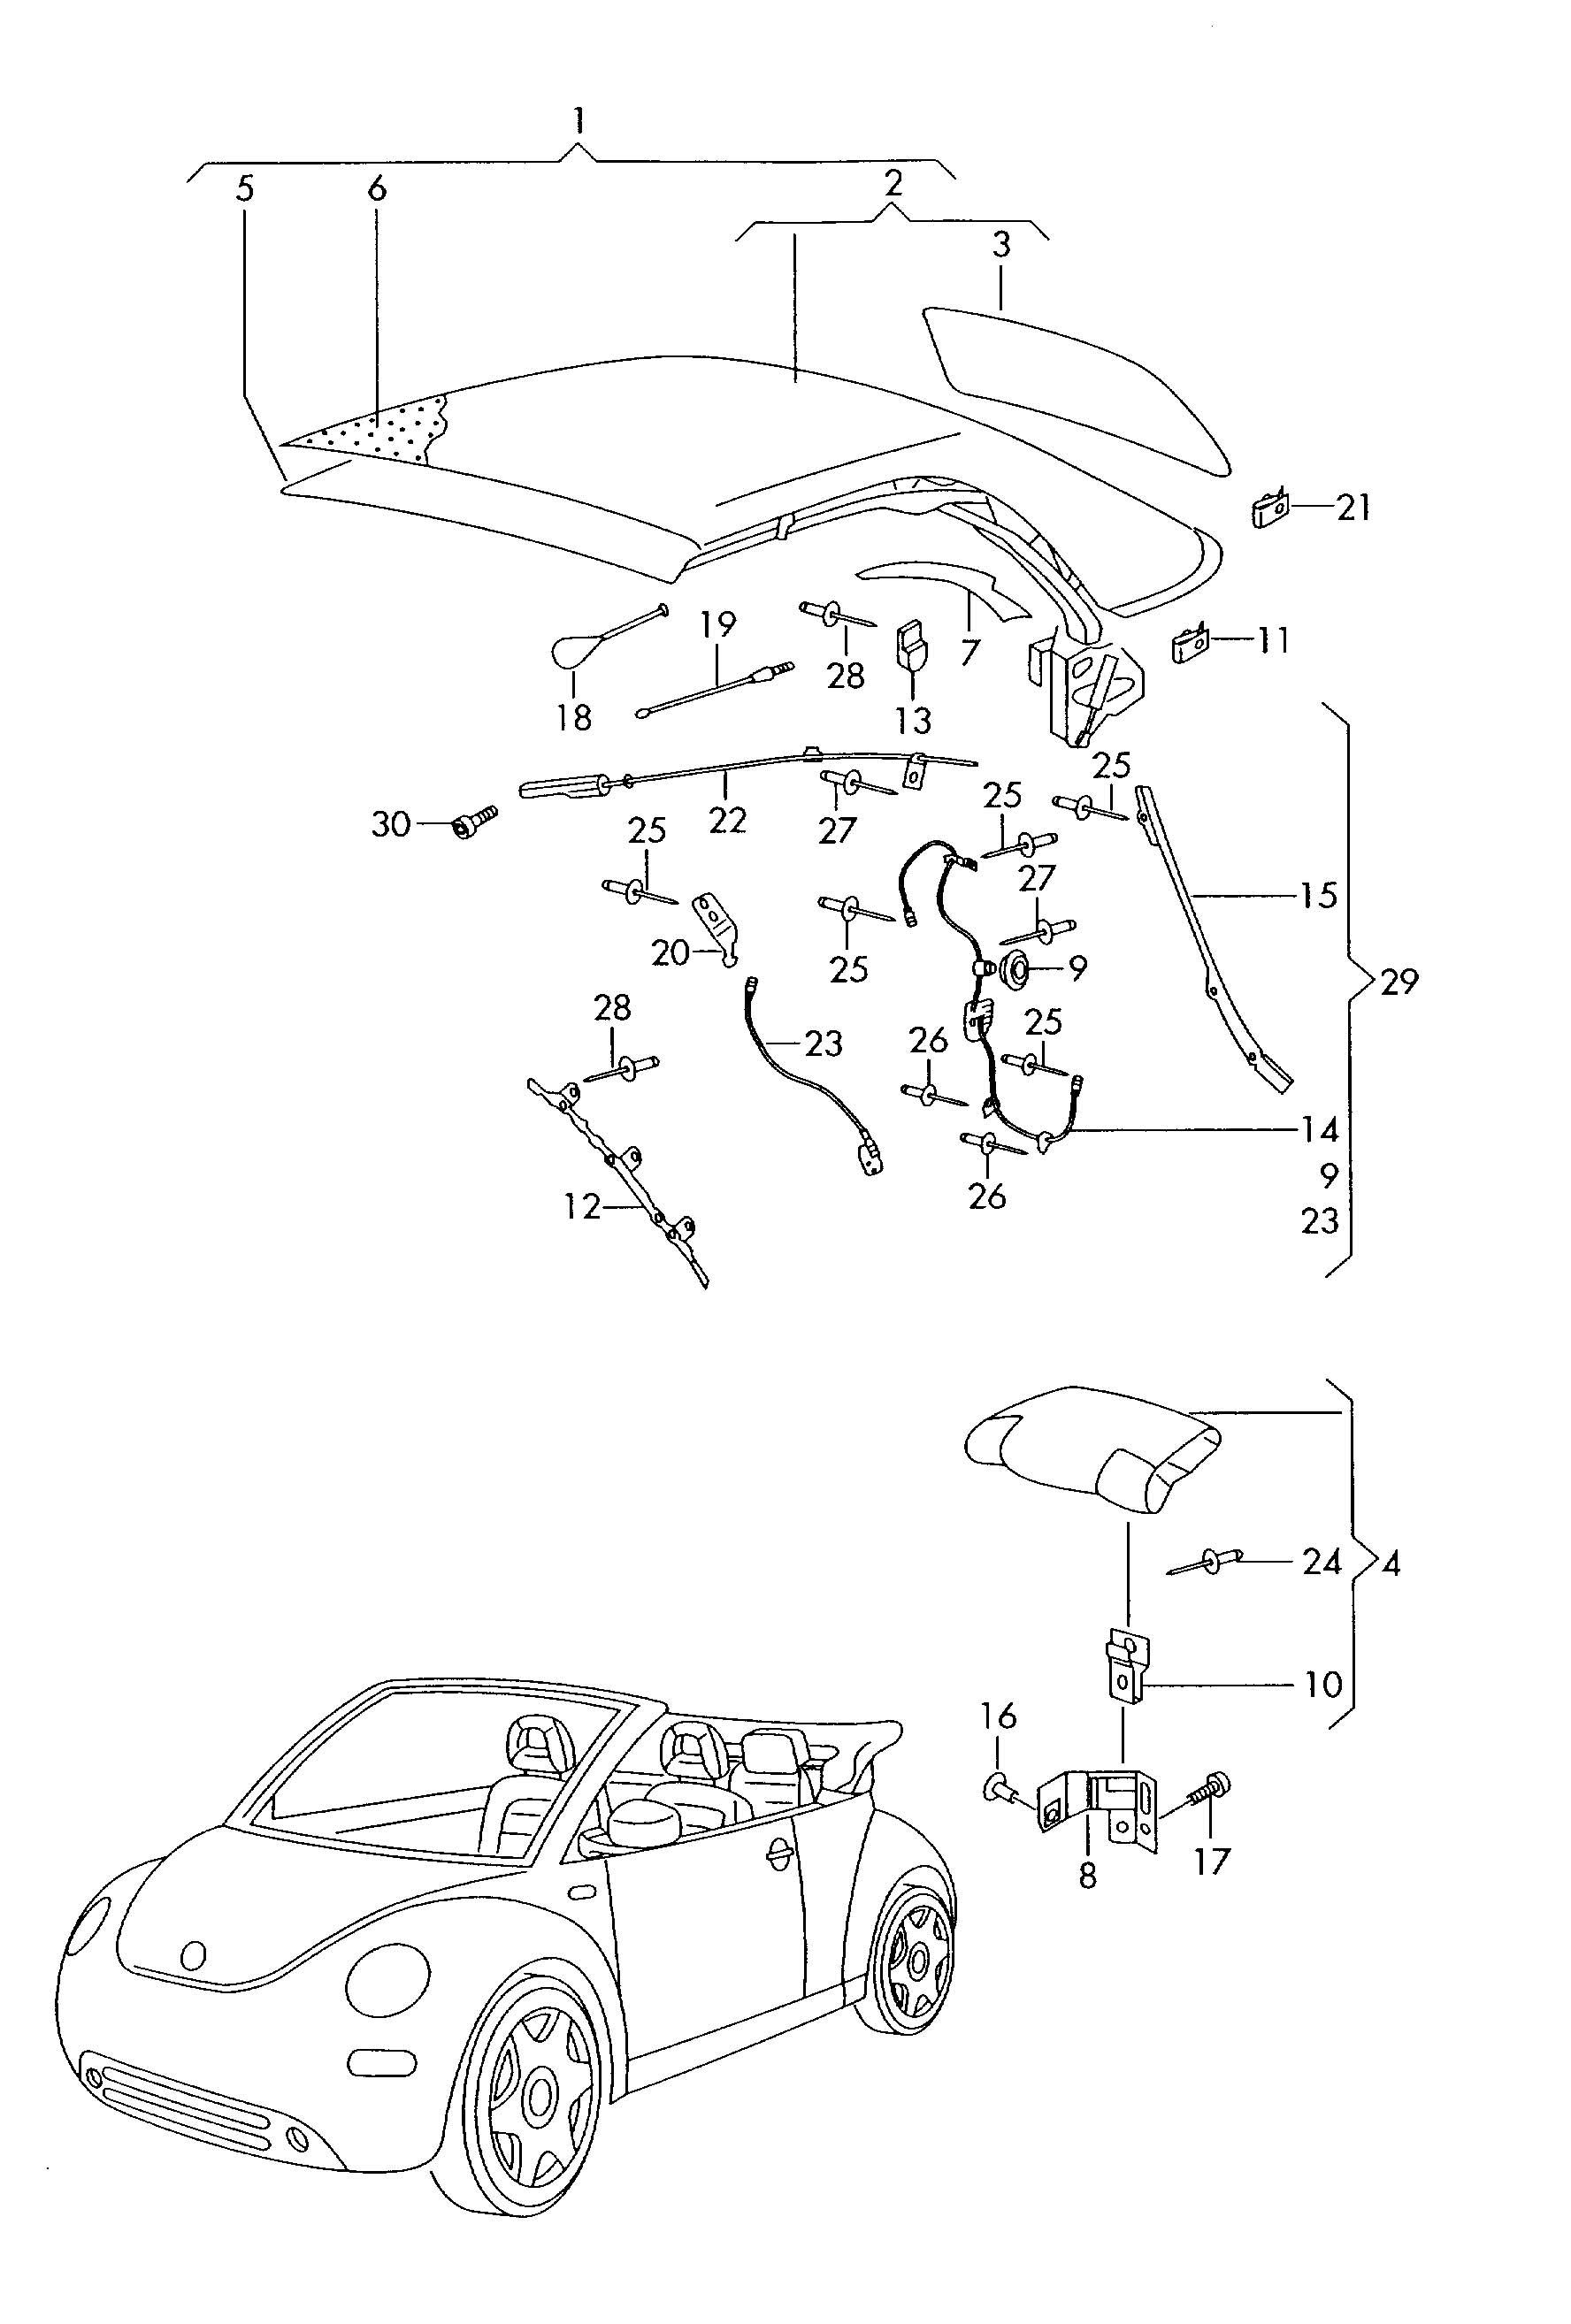 99 Vw Cabrio Power Steering